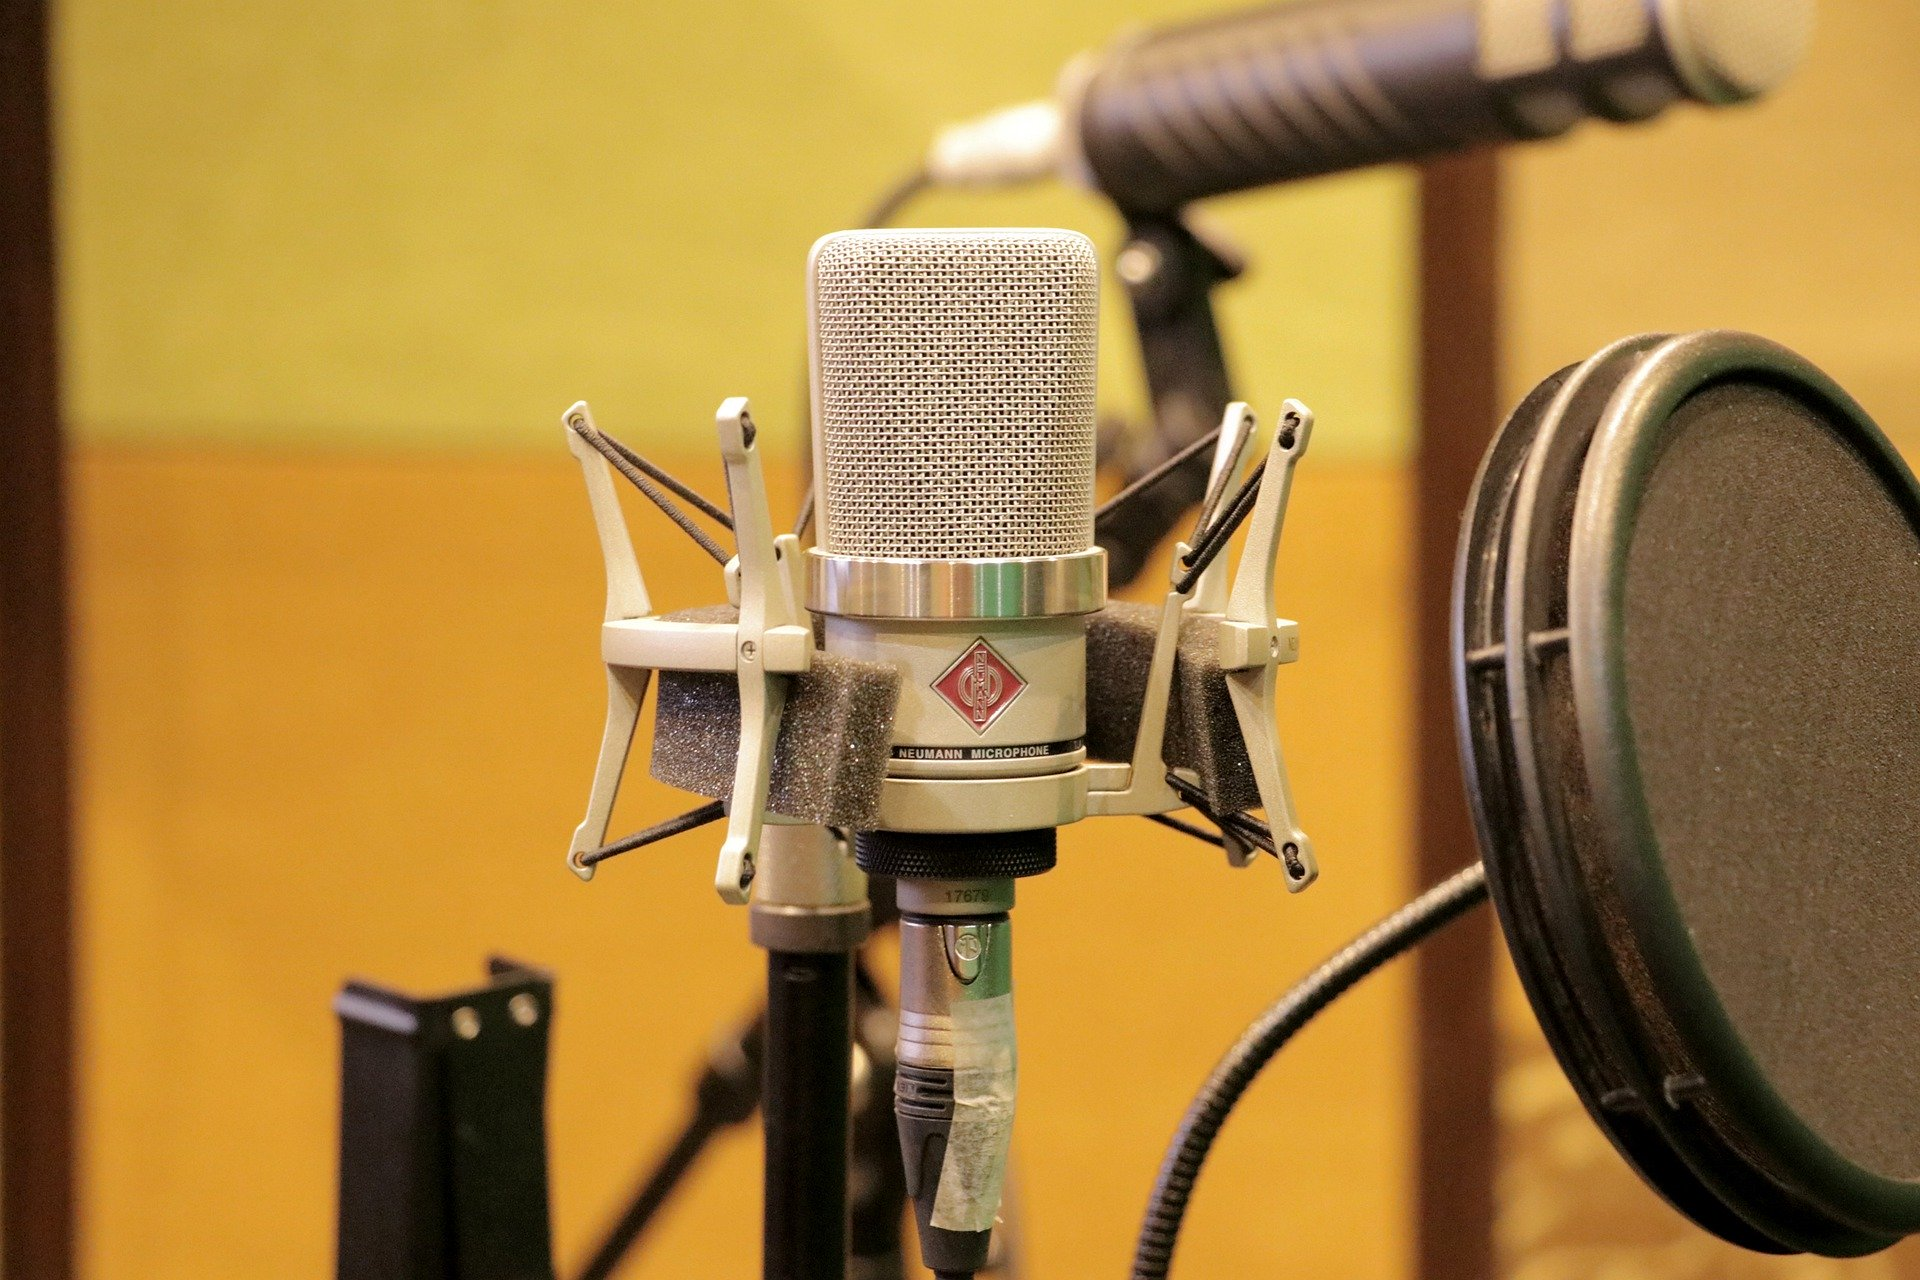 #PraCegoVer Audiodescrição resumida: Fotografia em um estúdio. Ao fundo,parede amarela e um microfone em desfoque . À Frente, a direita, um filtro circular preto de microfone. No centro, um microfone condensador prateado.